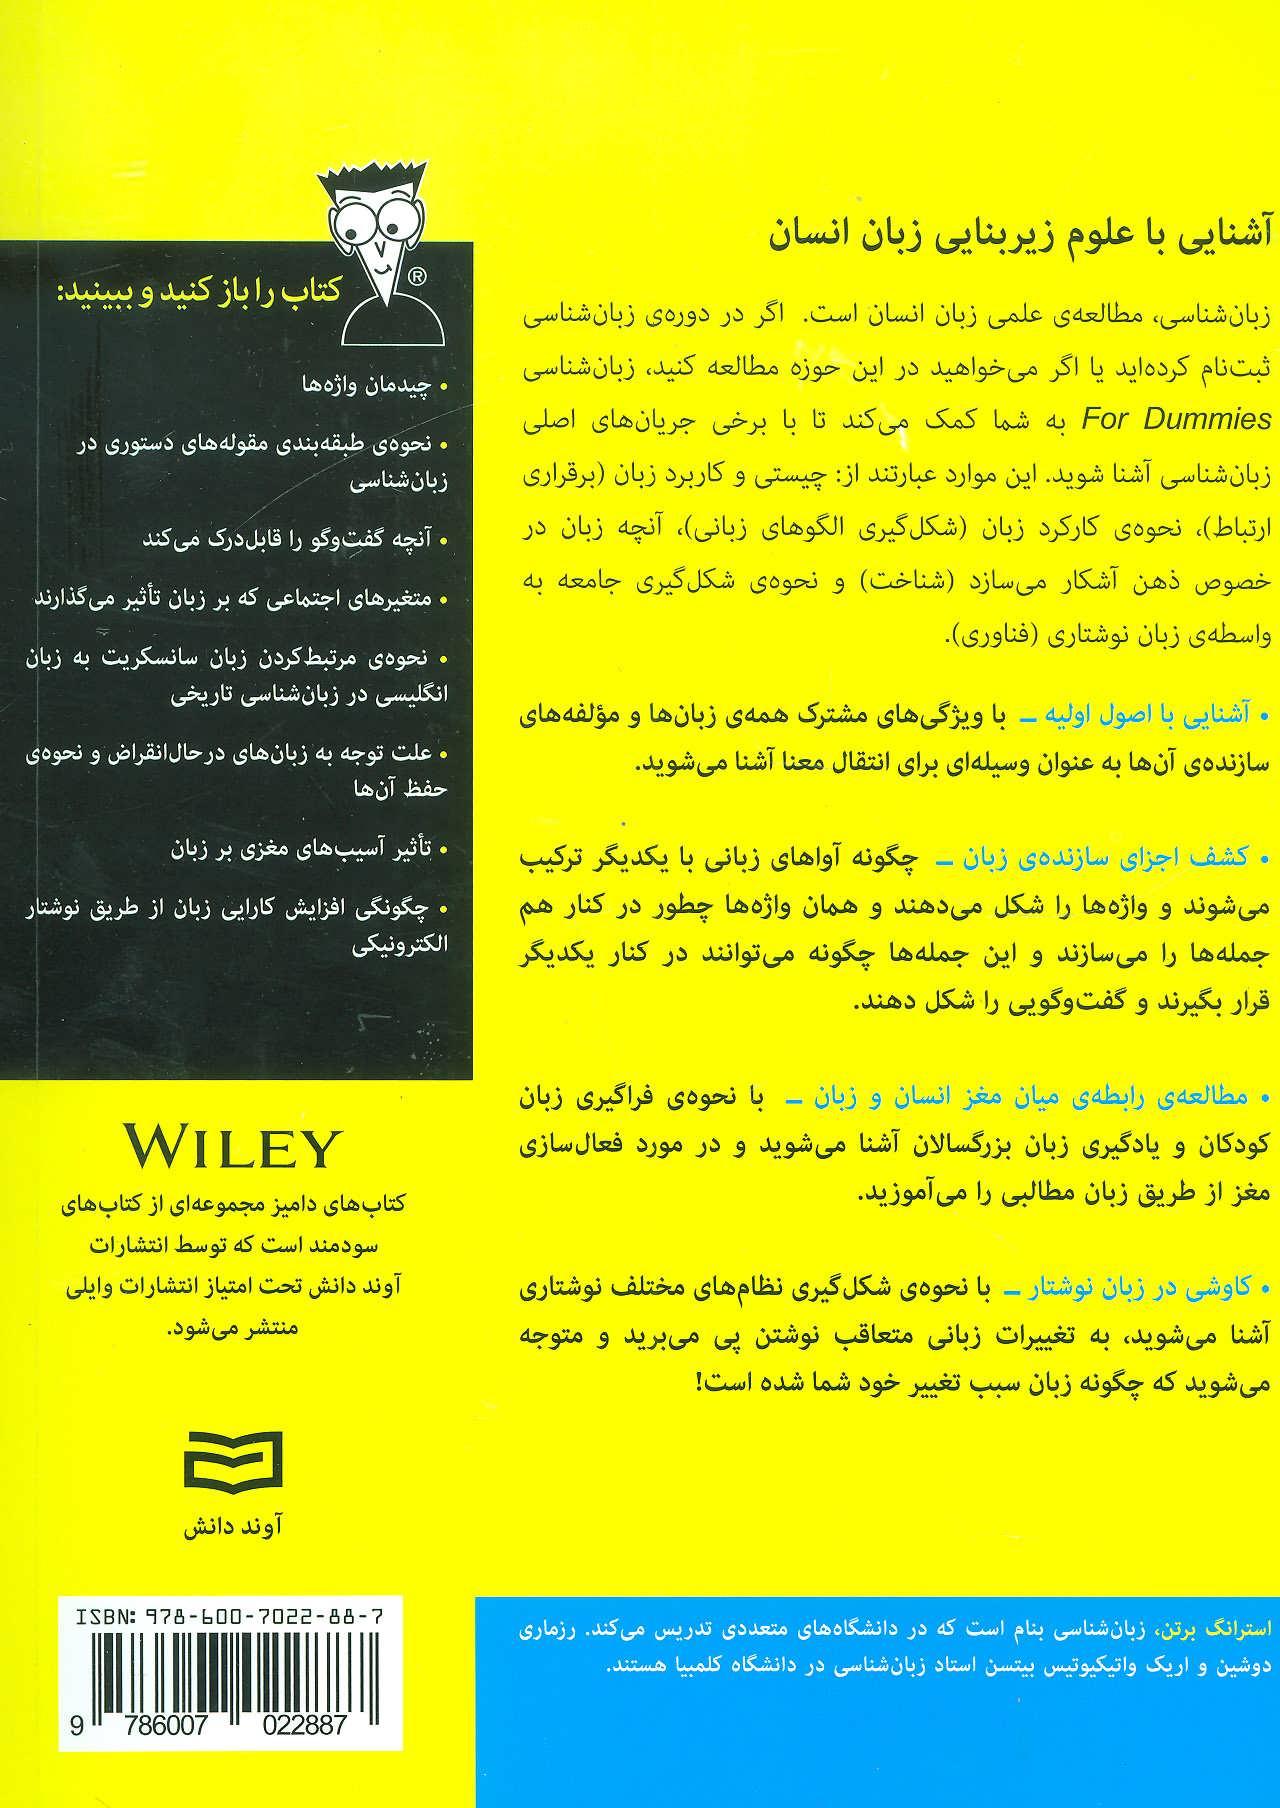 کتاب های دامیز (زبان شناسی)